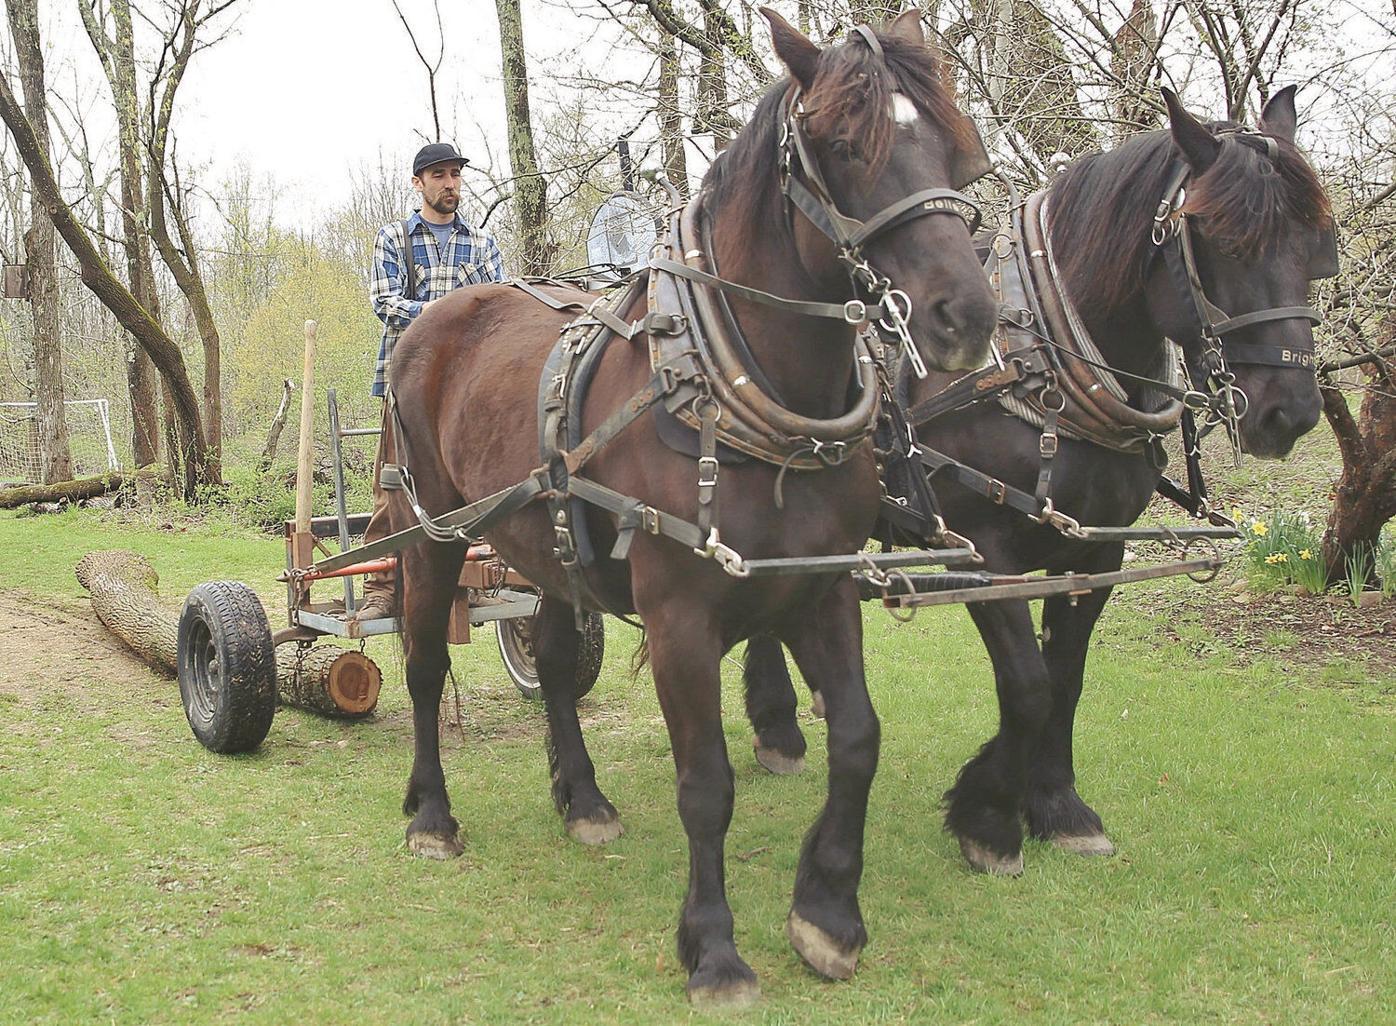 Percheron horses teach logging at Hiland Hall School